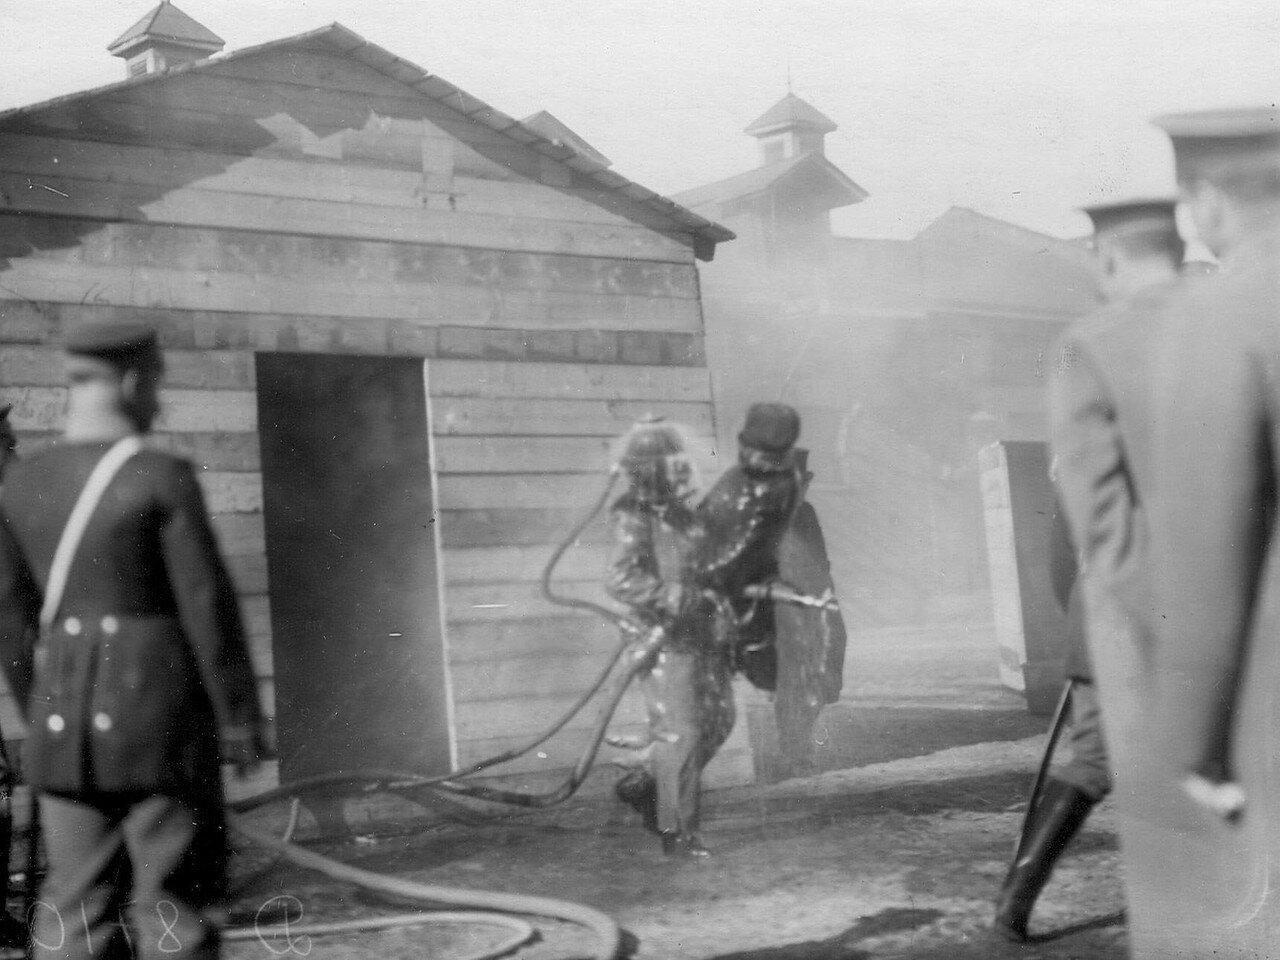 12. Великая княгиня Мария Павловна и сопровождающие ее лица наблюдают за работой пожарных в противодымном скафандре